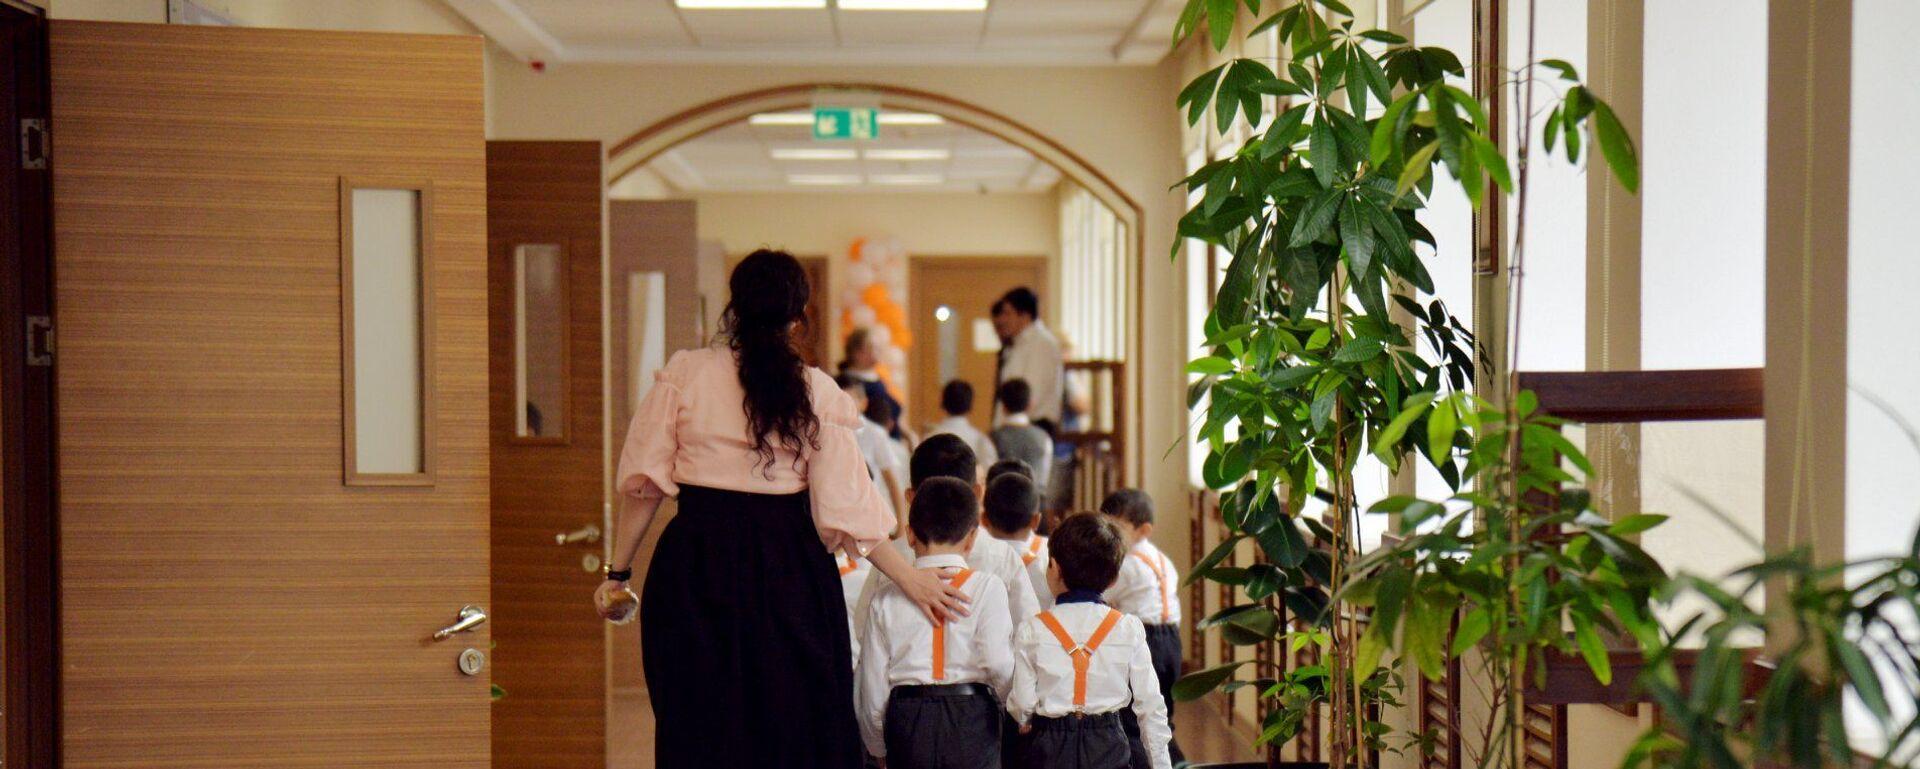 В одной из бакинских школ, фото из архива  - Sputnik Азербайджан, 1920, 20.04.2021